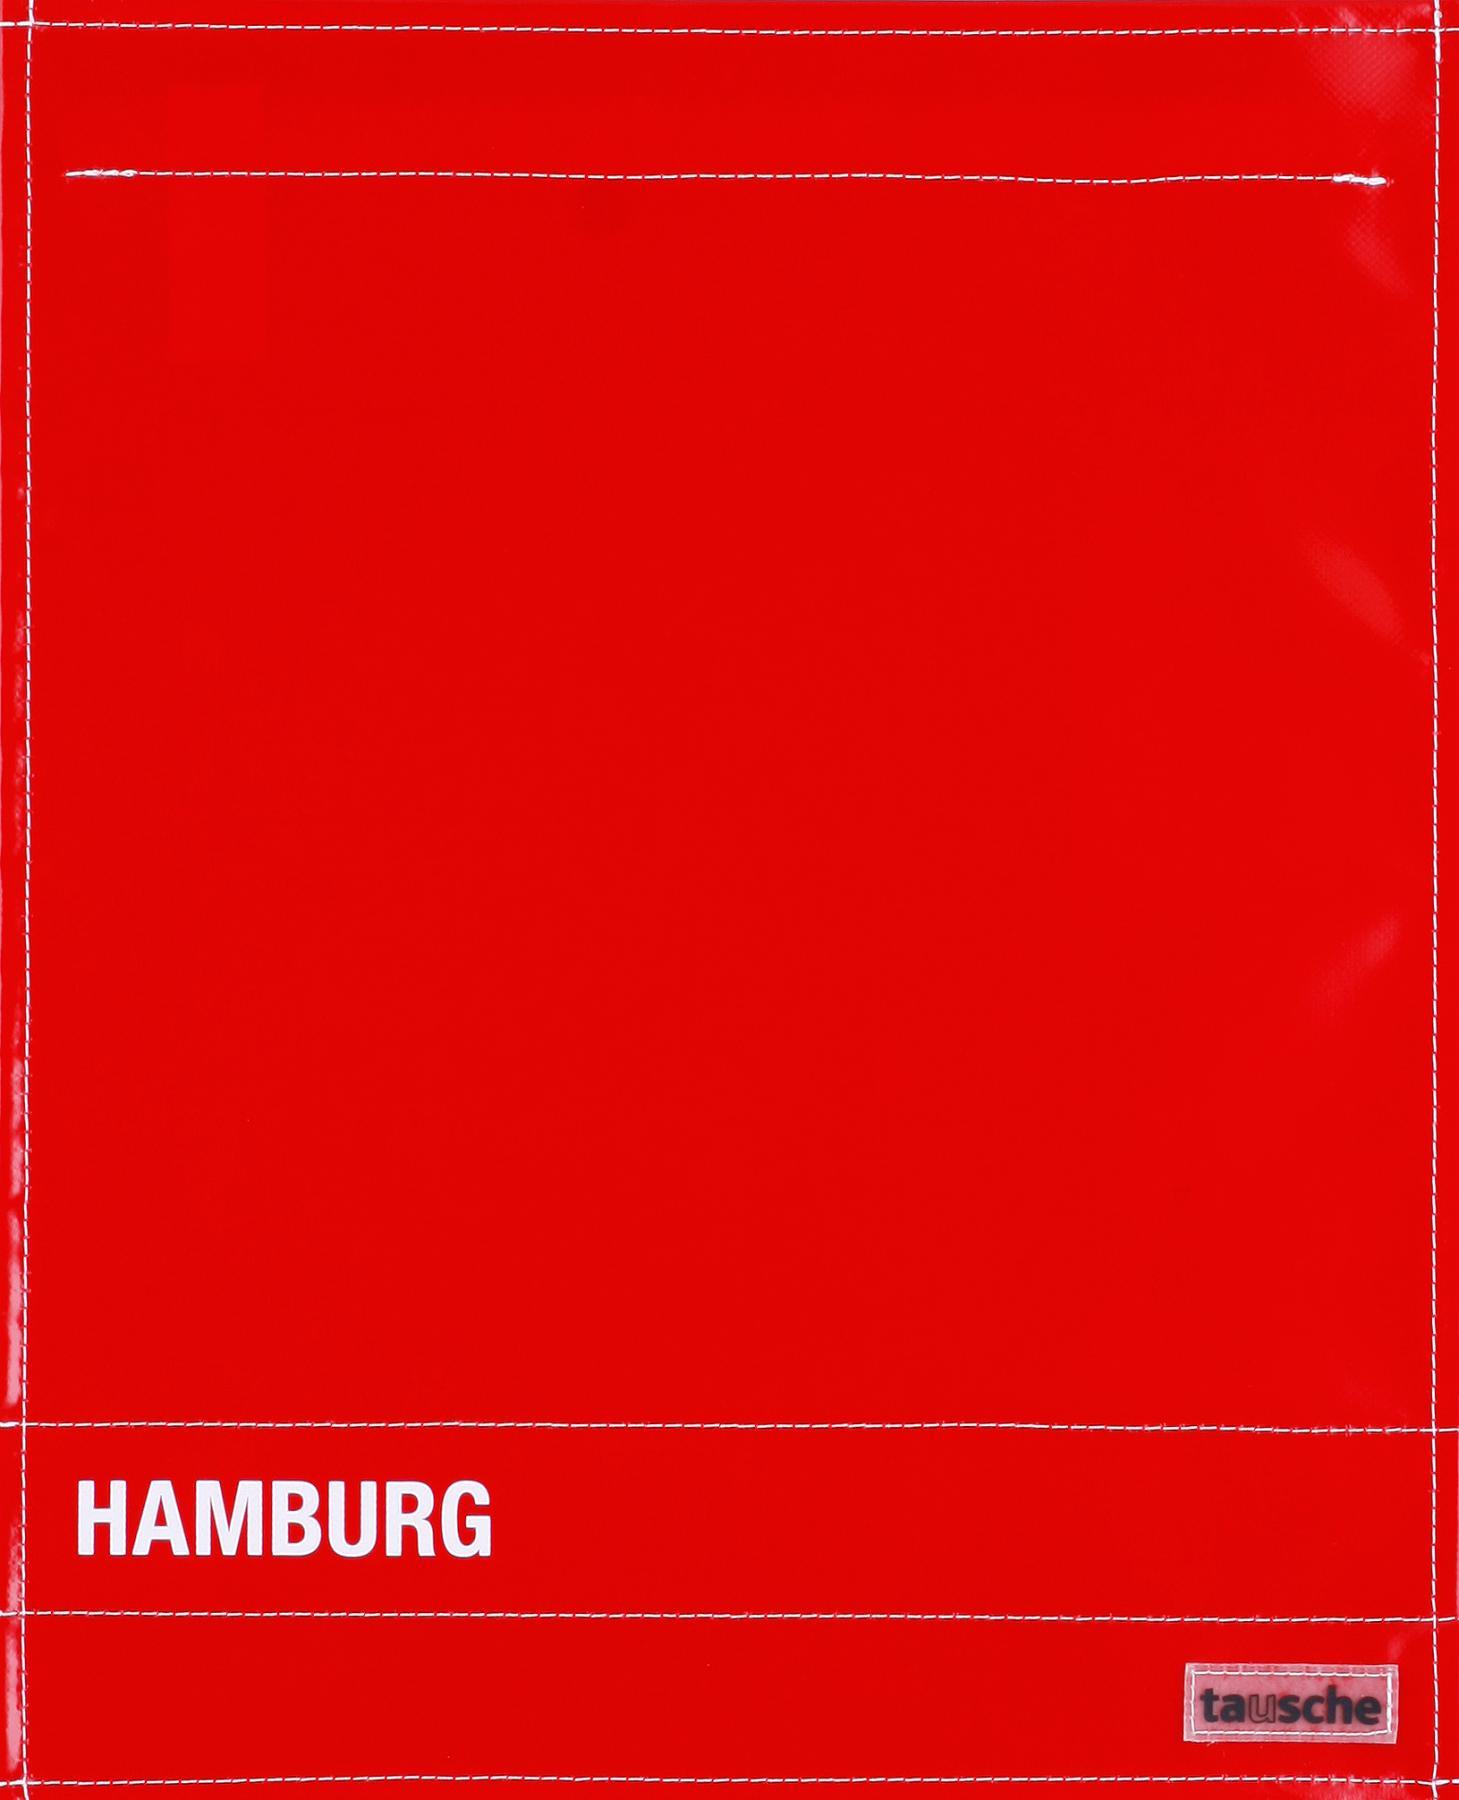 Hamburg rot/weiß (groß)